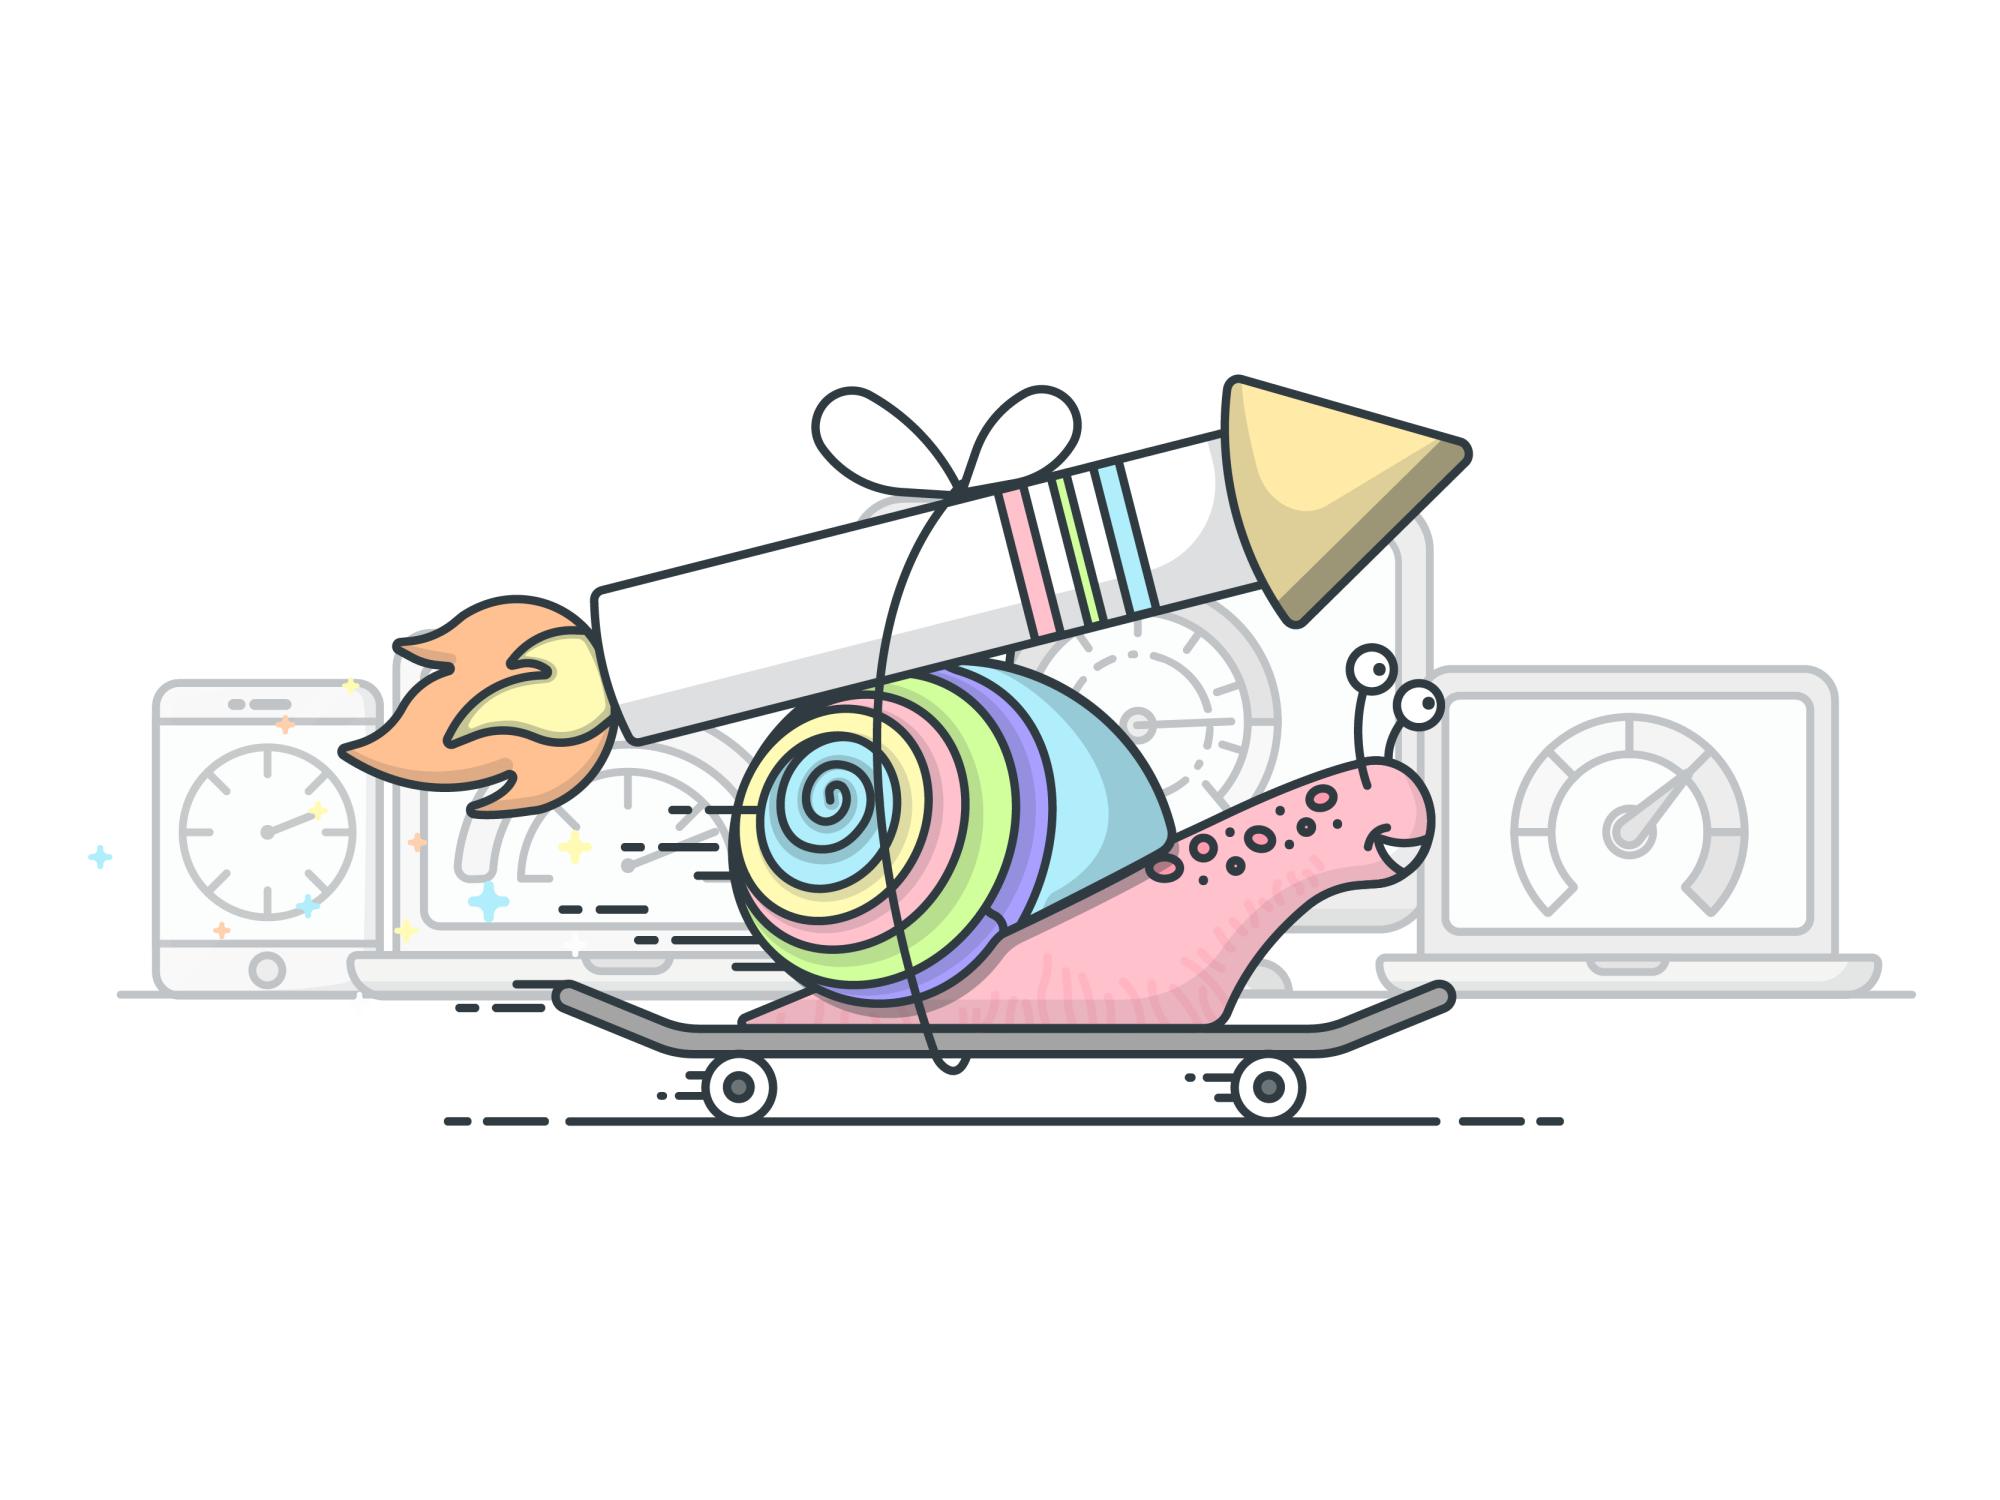 Rocket Snail by Jessica Johnson